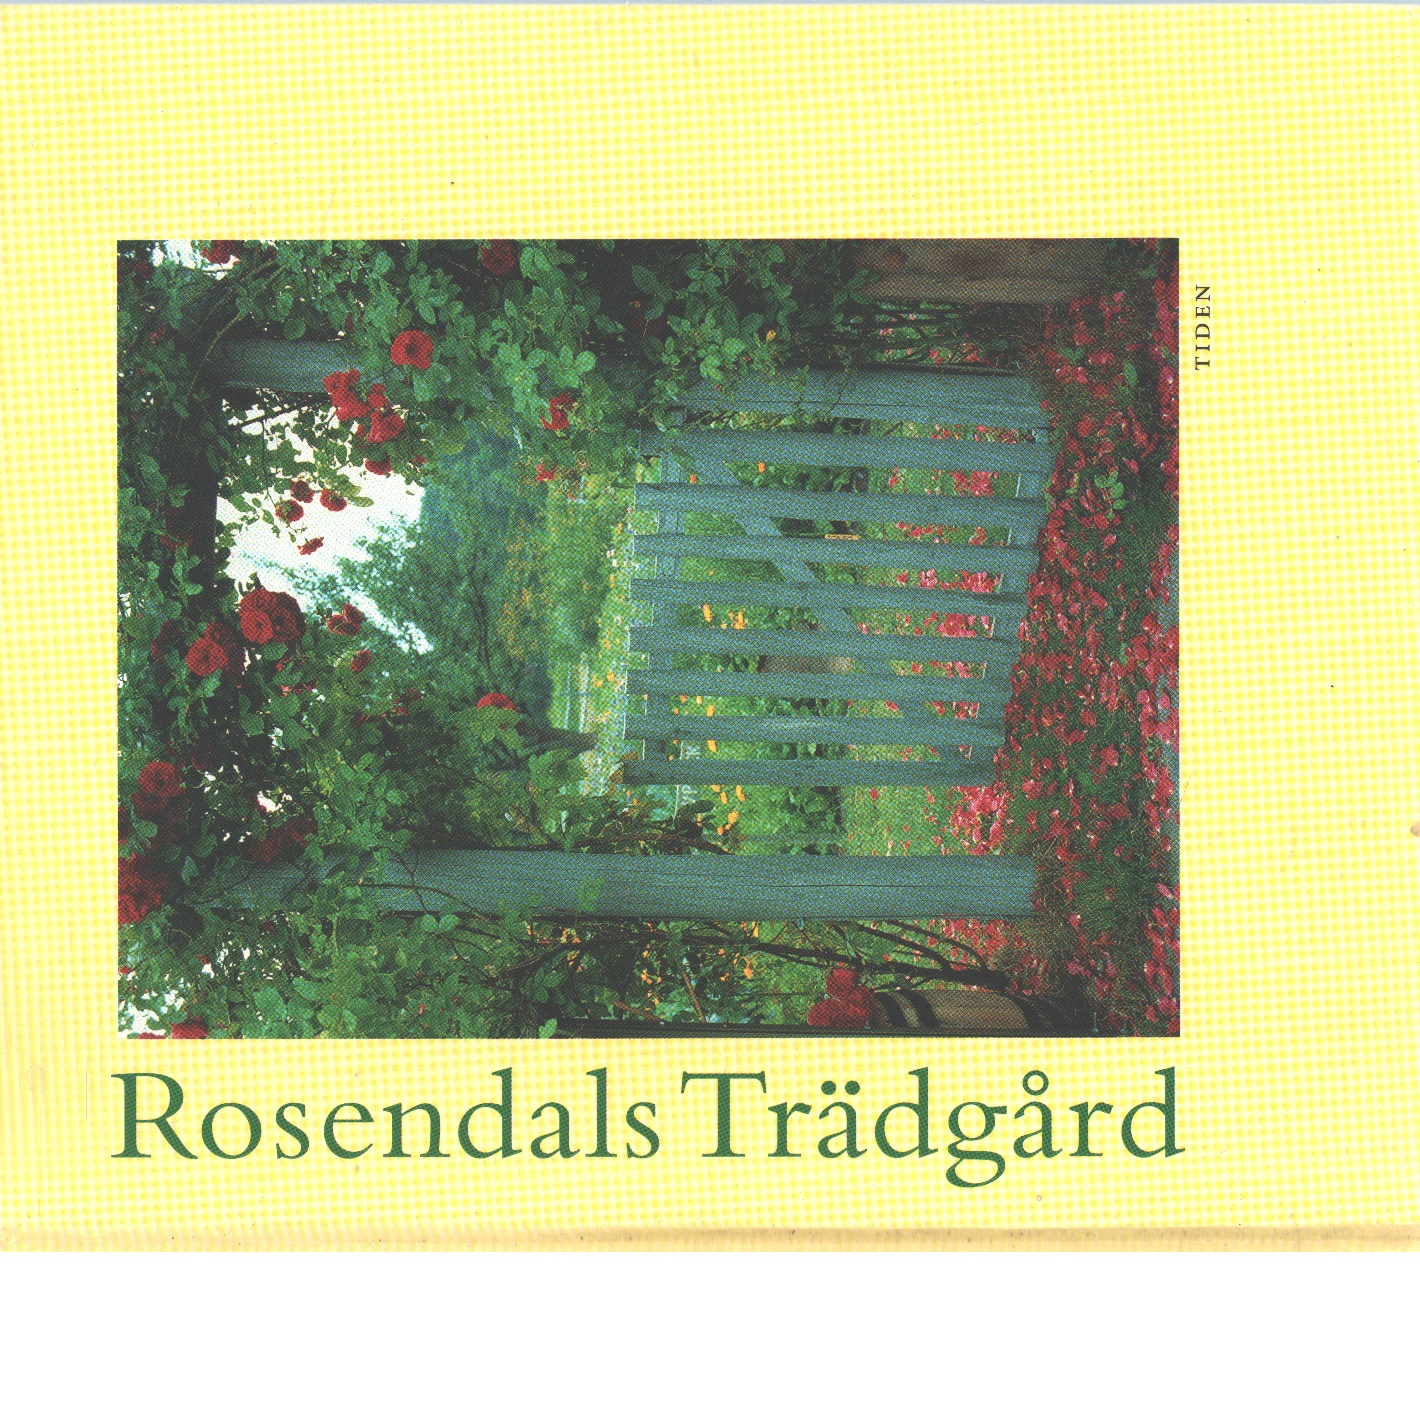 Rosendals trädgård - Krantz, Lars och Östman, Nina